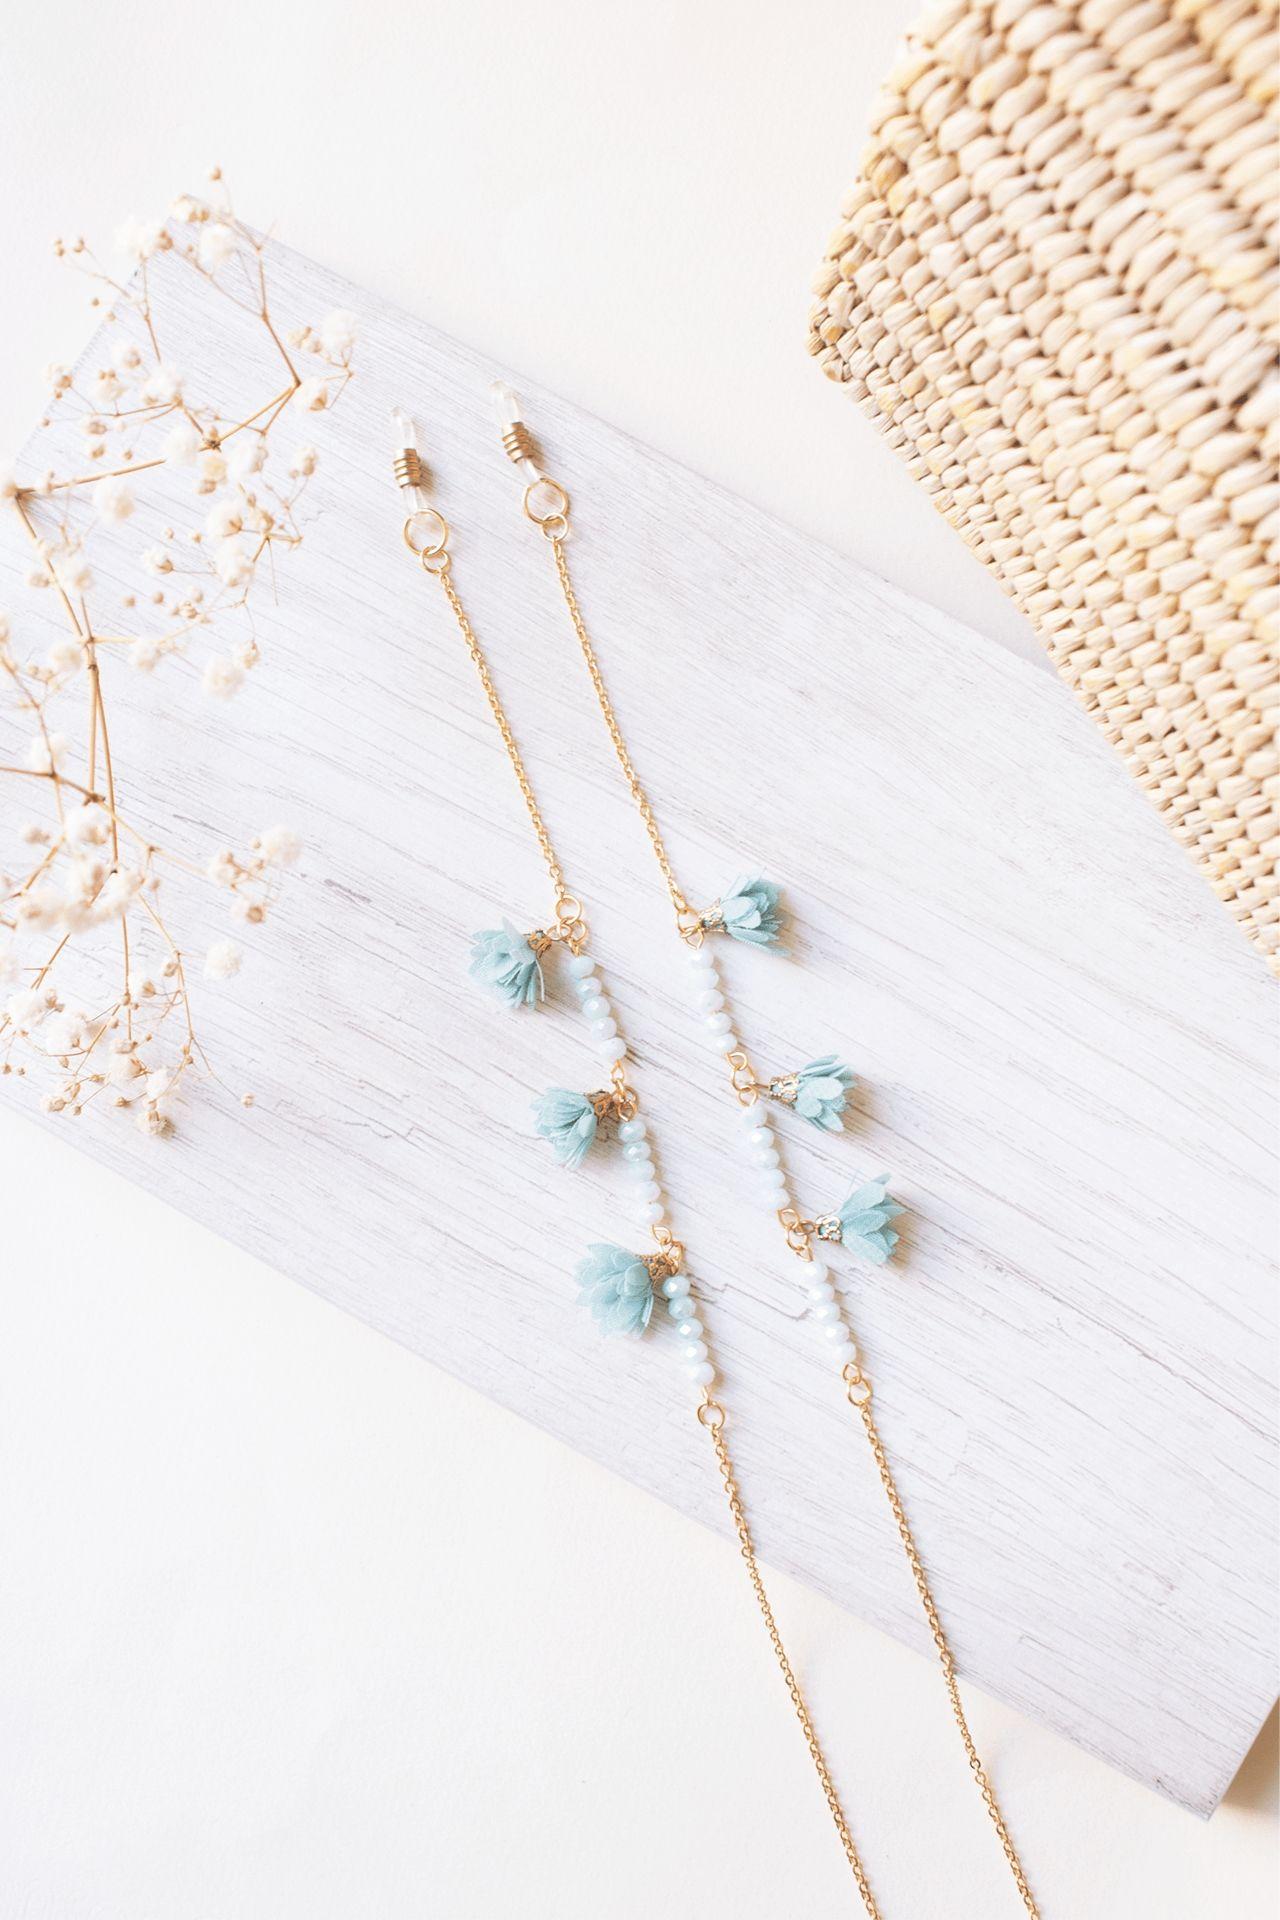 Descripción: Sujetador de lentes con muranos y flores.  Material: Acero  Largo: 70cm aprox